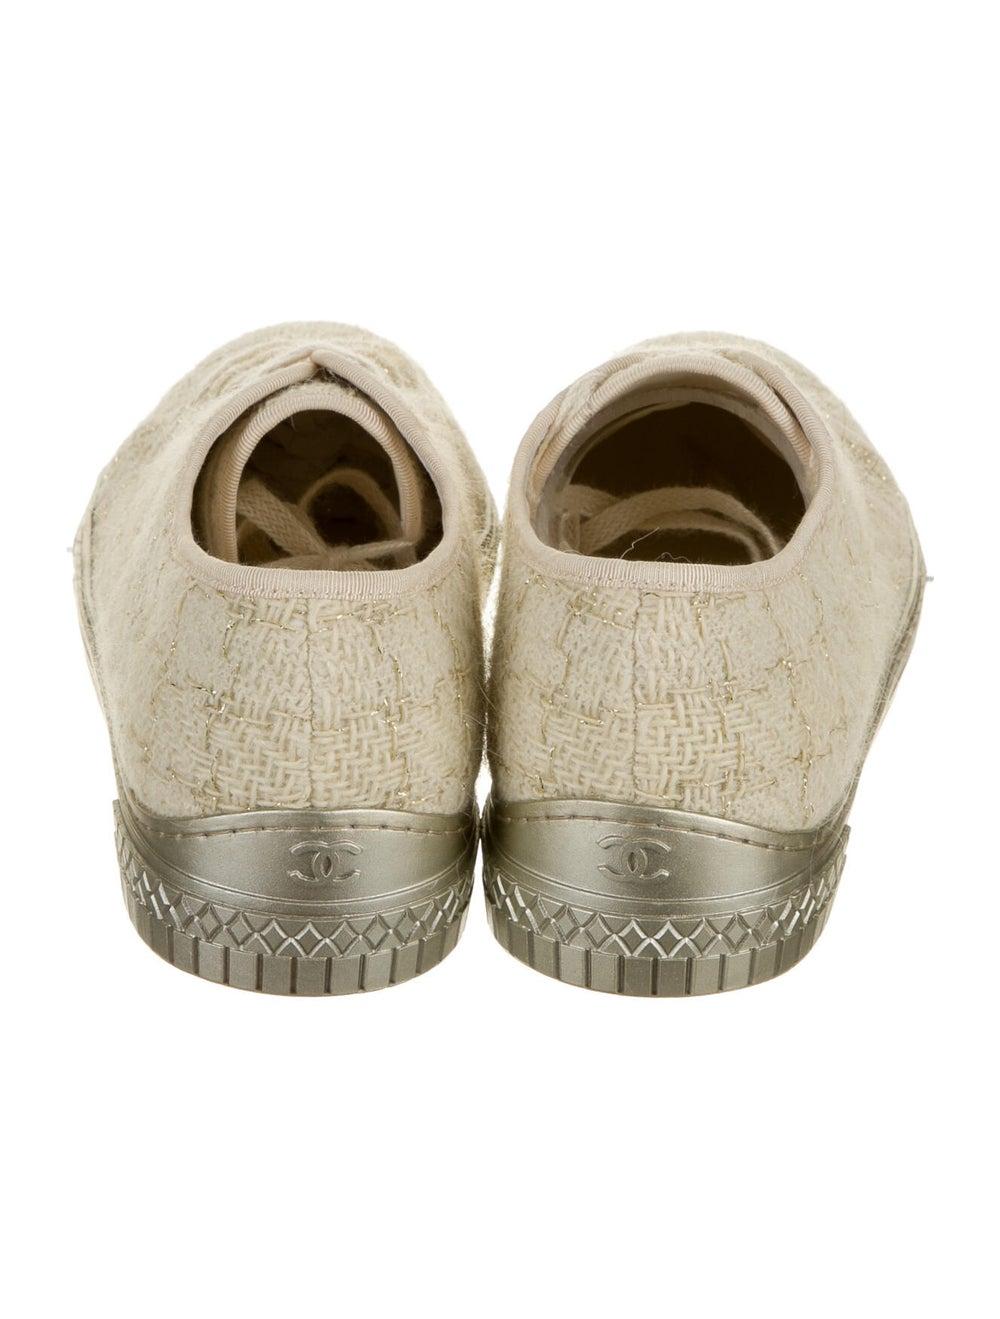 Chanel Tweed Sneakers Sneakers - image 3